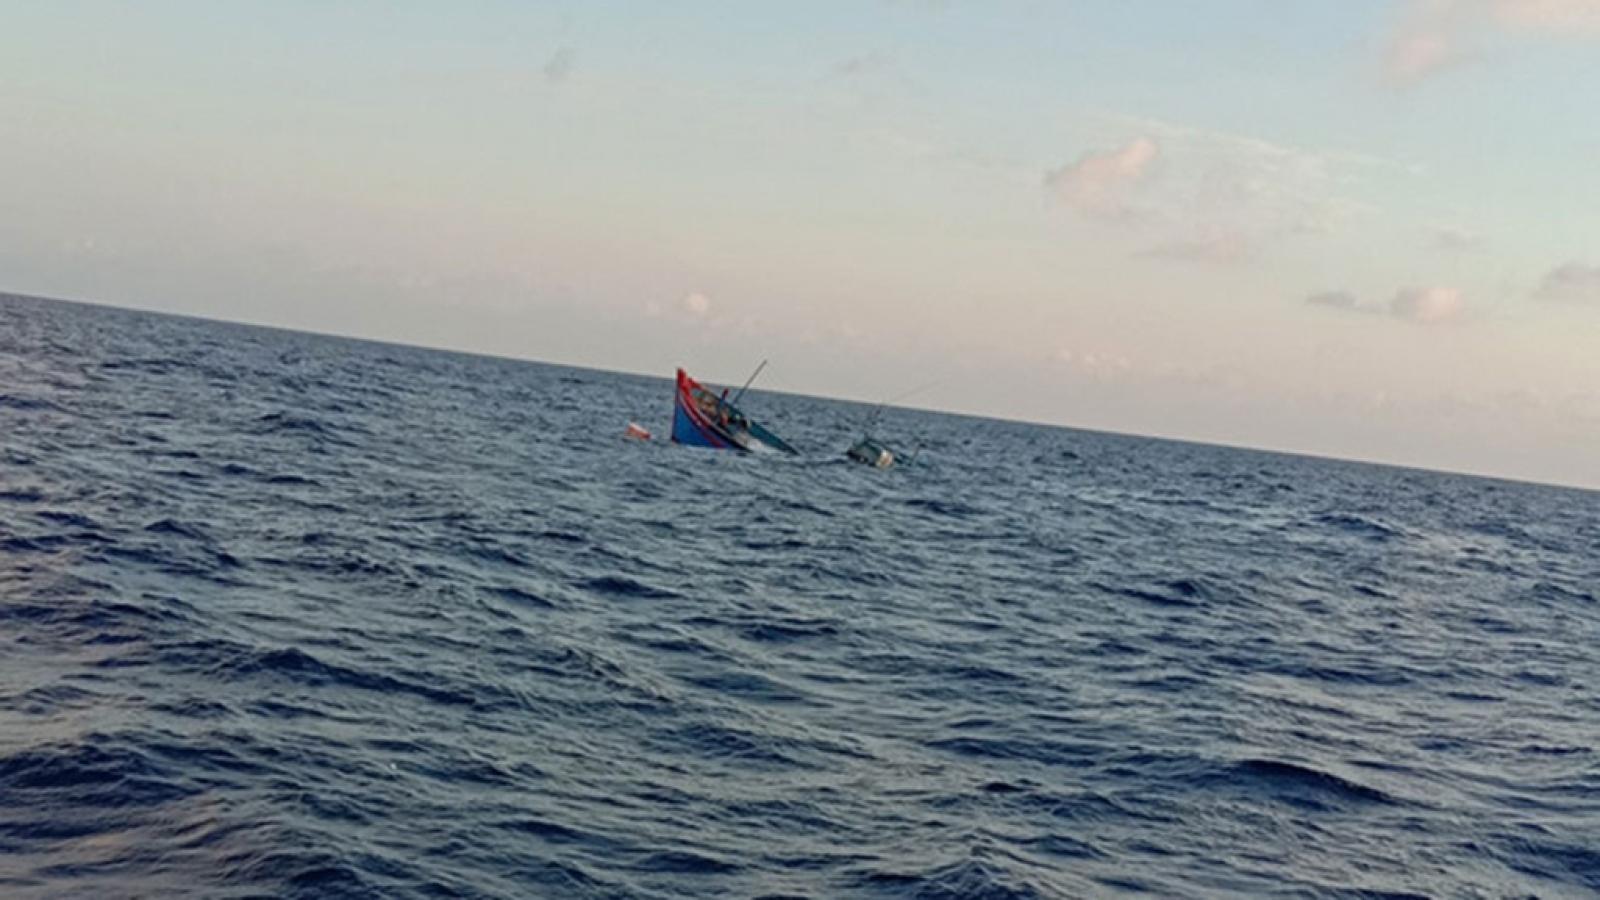 6 ngư dân quyết định bỏ tàu, thoát chết trong gang tấc